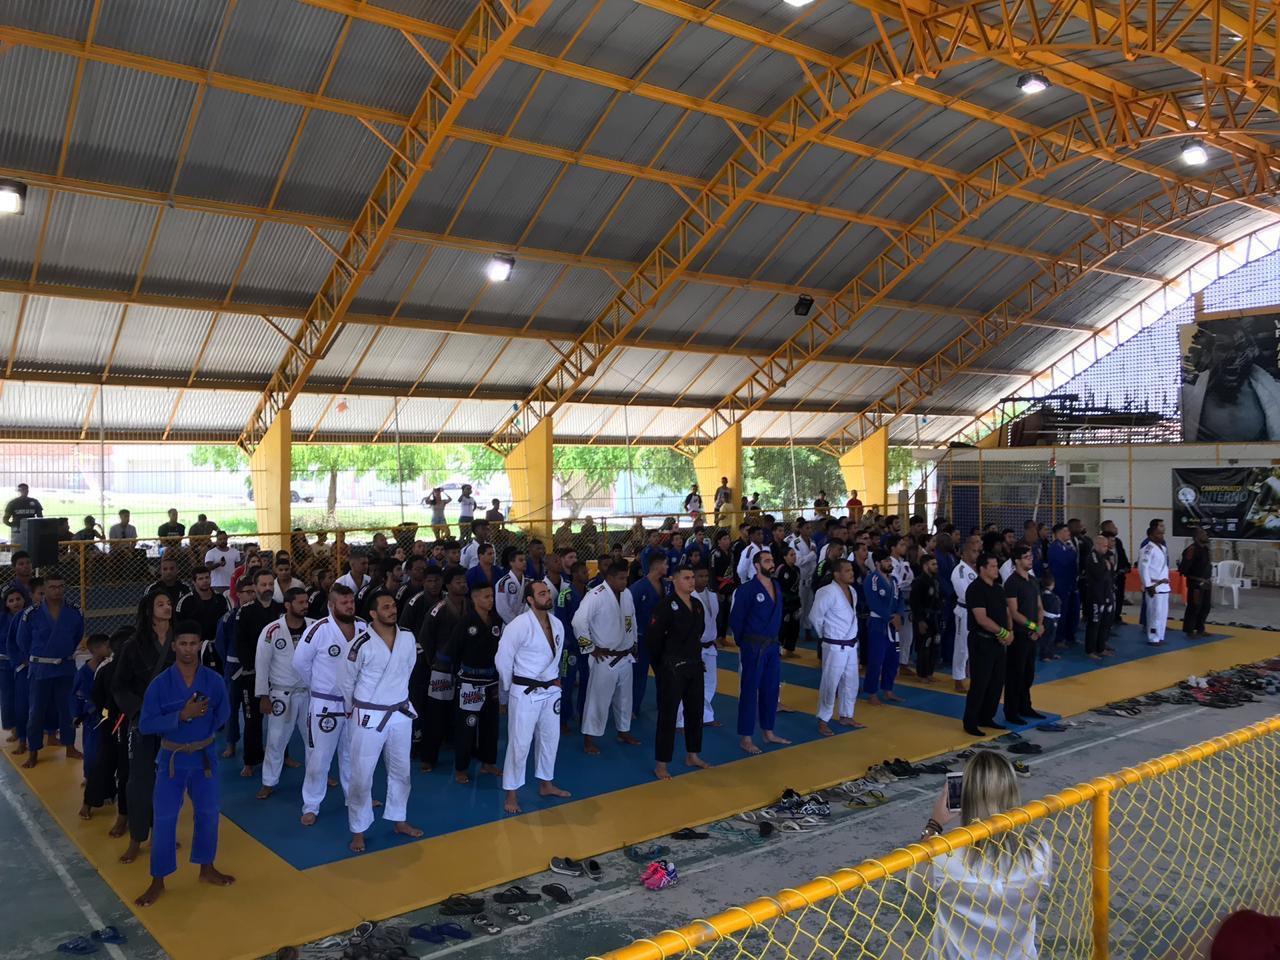 Torneio de Jiu-Jitsu marca final de semana em Lauro de Freitas